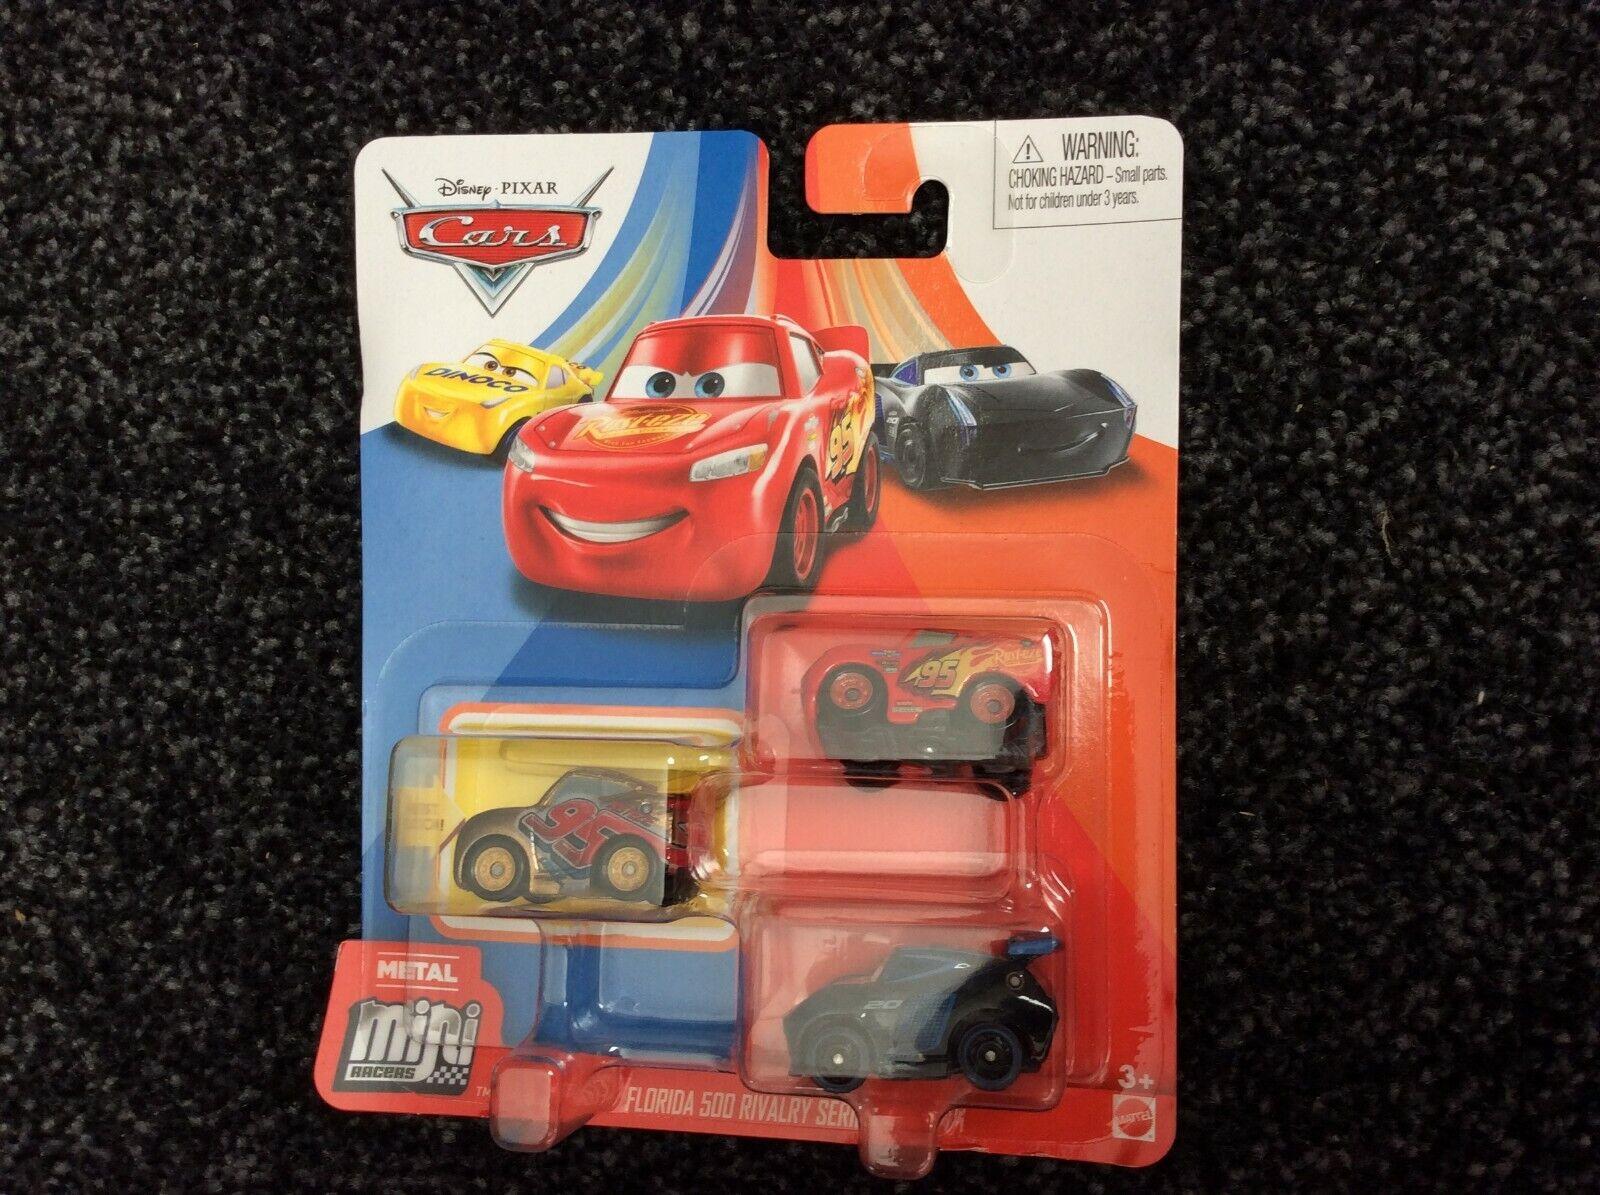 Disney Disney Pixar Cars Mini Racers Florida 500 Rivalry Series 3-Pack